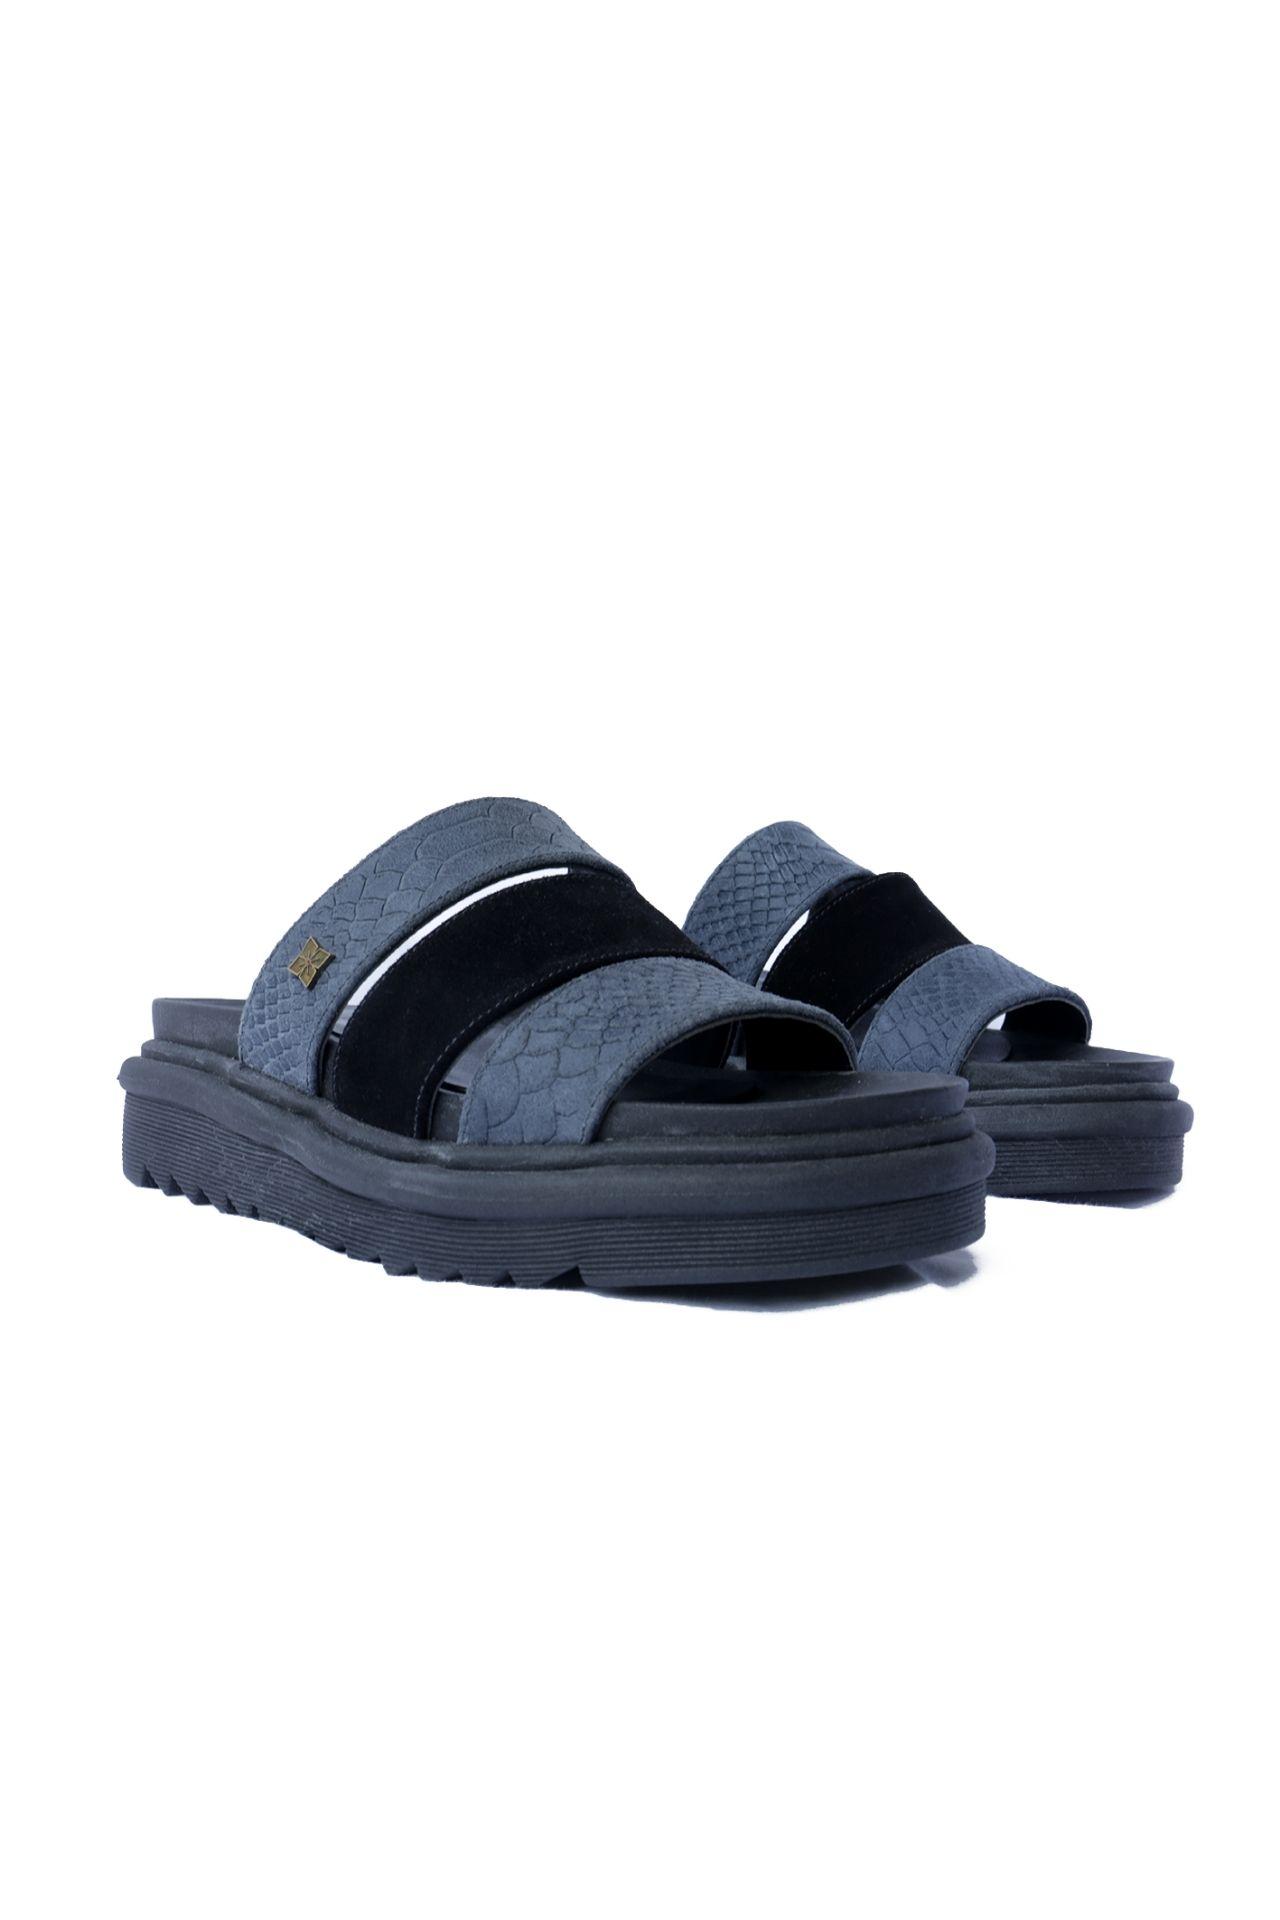 Sandalias 100% de cuero por dentro y por fuera. Las suelas son importadas de argentina. Los diseños son unicos ya que solo hacemos 1 docena por color . Son productos hechos a mano por artesanos peruanos.  La horma es exacta, en esta marca serías la misma talla que usas normalmente.  Modelo que funciona mejor en un pie delgado , porque la suela es mas delgada.  Tamaño 36: 23.5-24 cm  Tamaño 37:24.5-25 cm  Tamaño 39:26.5 cm  Altura: 5 cm